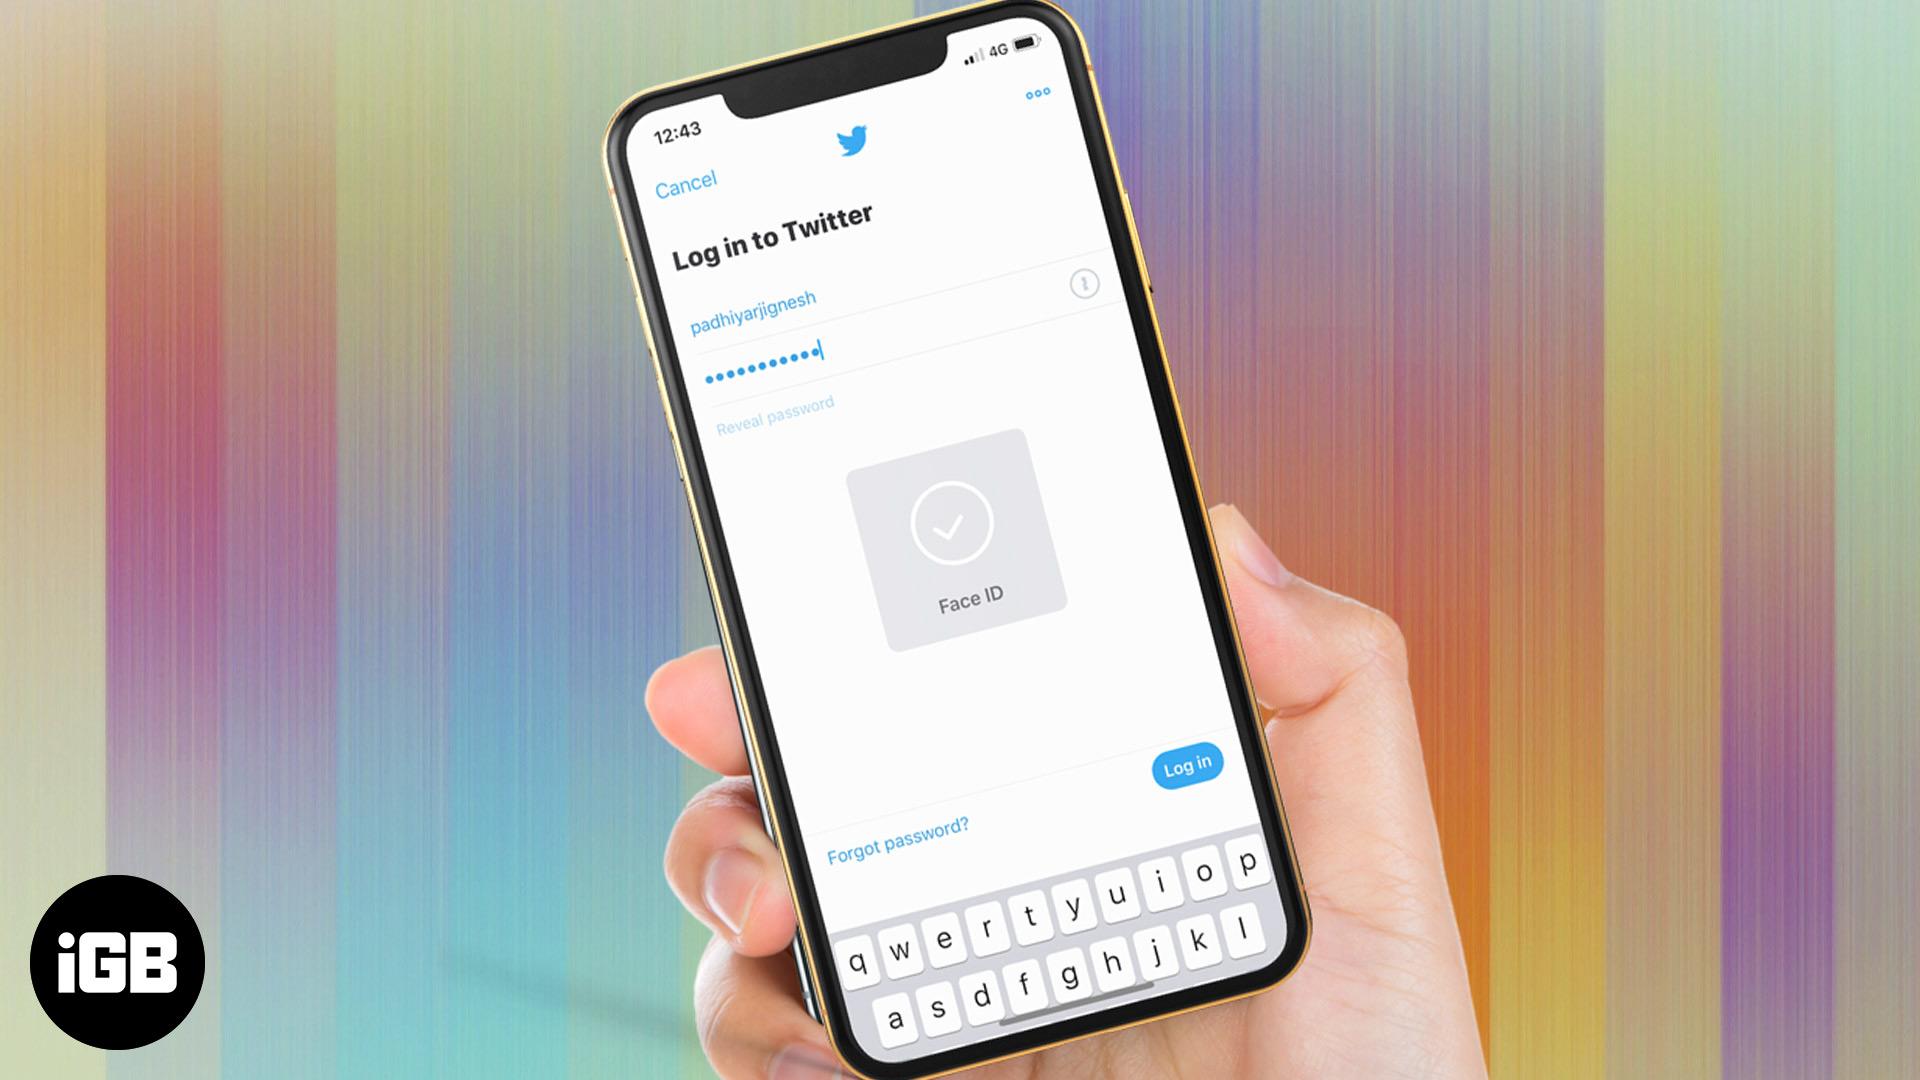 Cómo usar la cara ID iniciar sesión en aplicaciones en iPhone